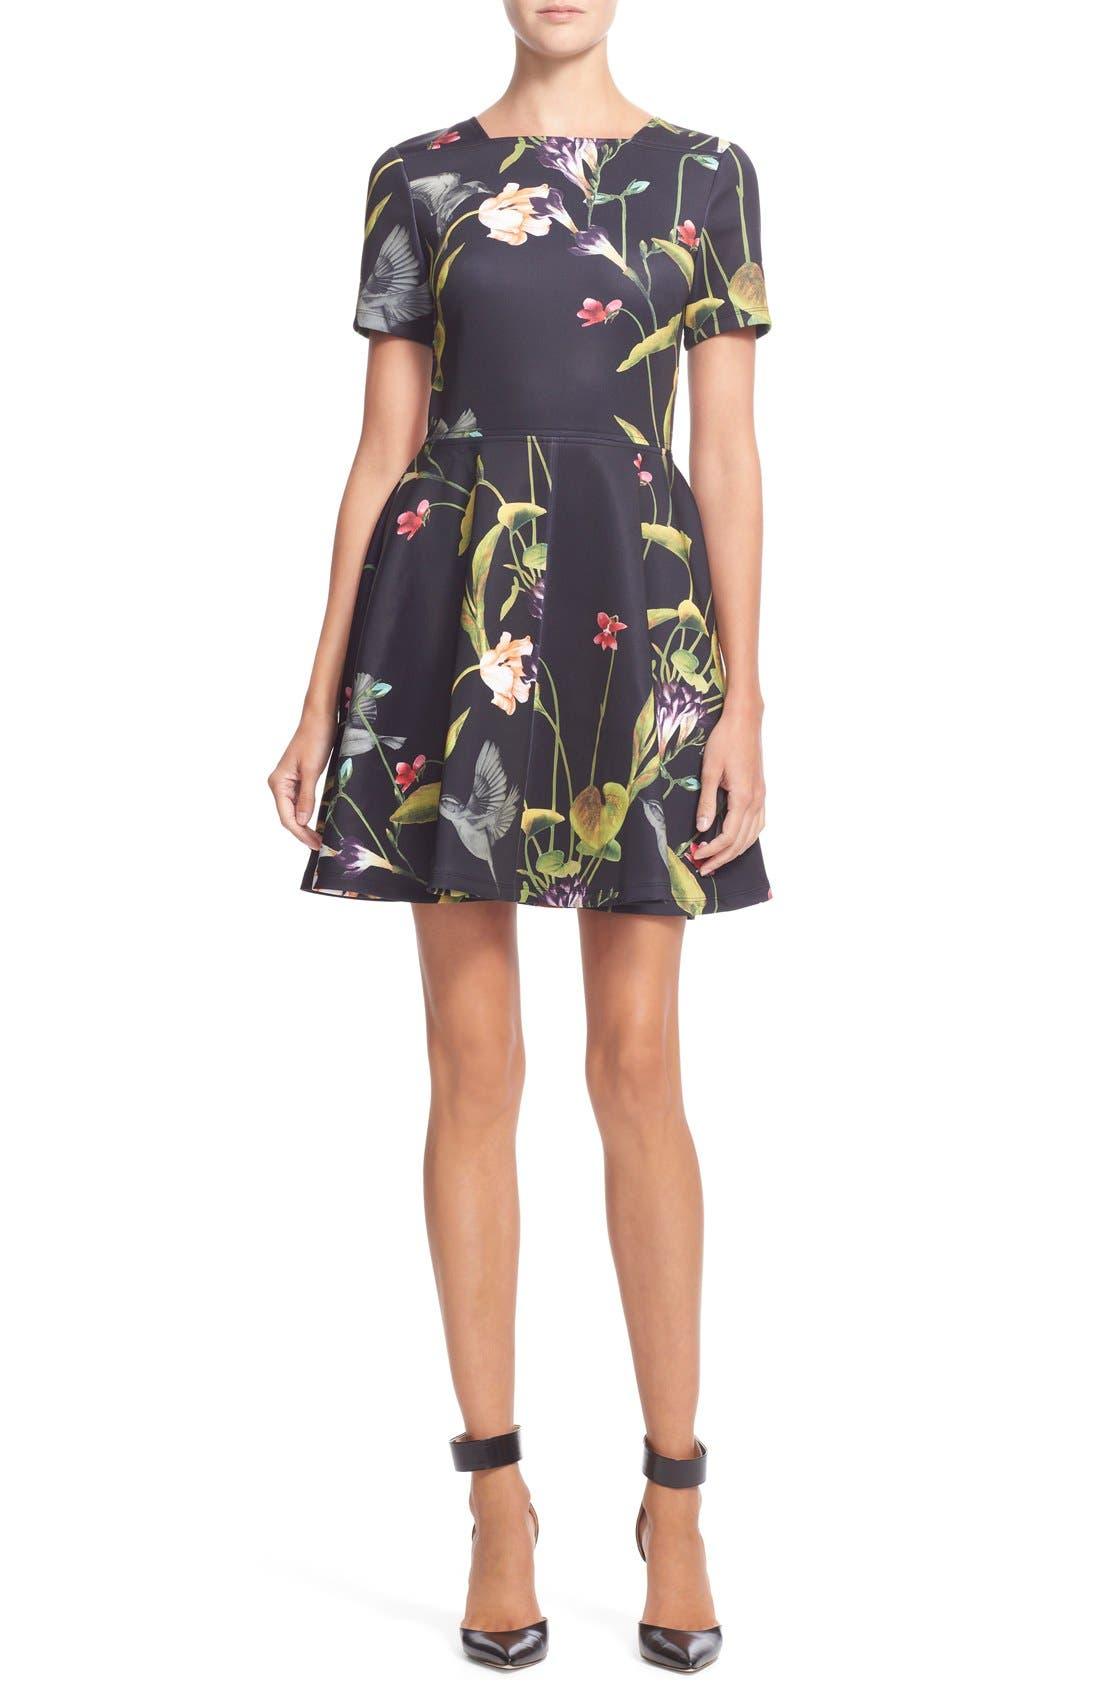 Alternate Image 1 Selected - Ted Baker London 'Moven' Floral PrintSkater Dress